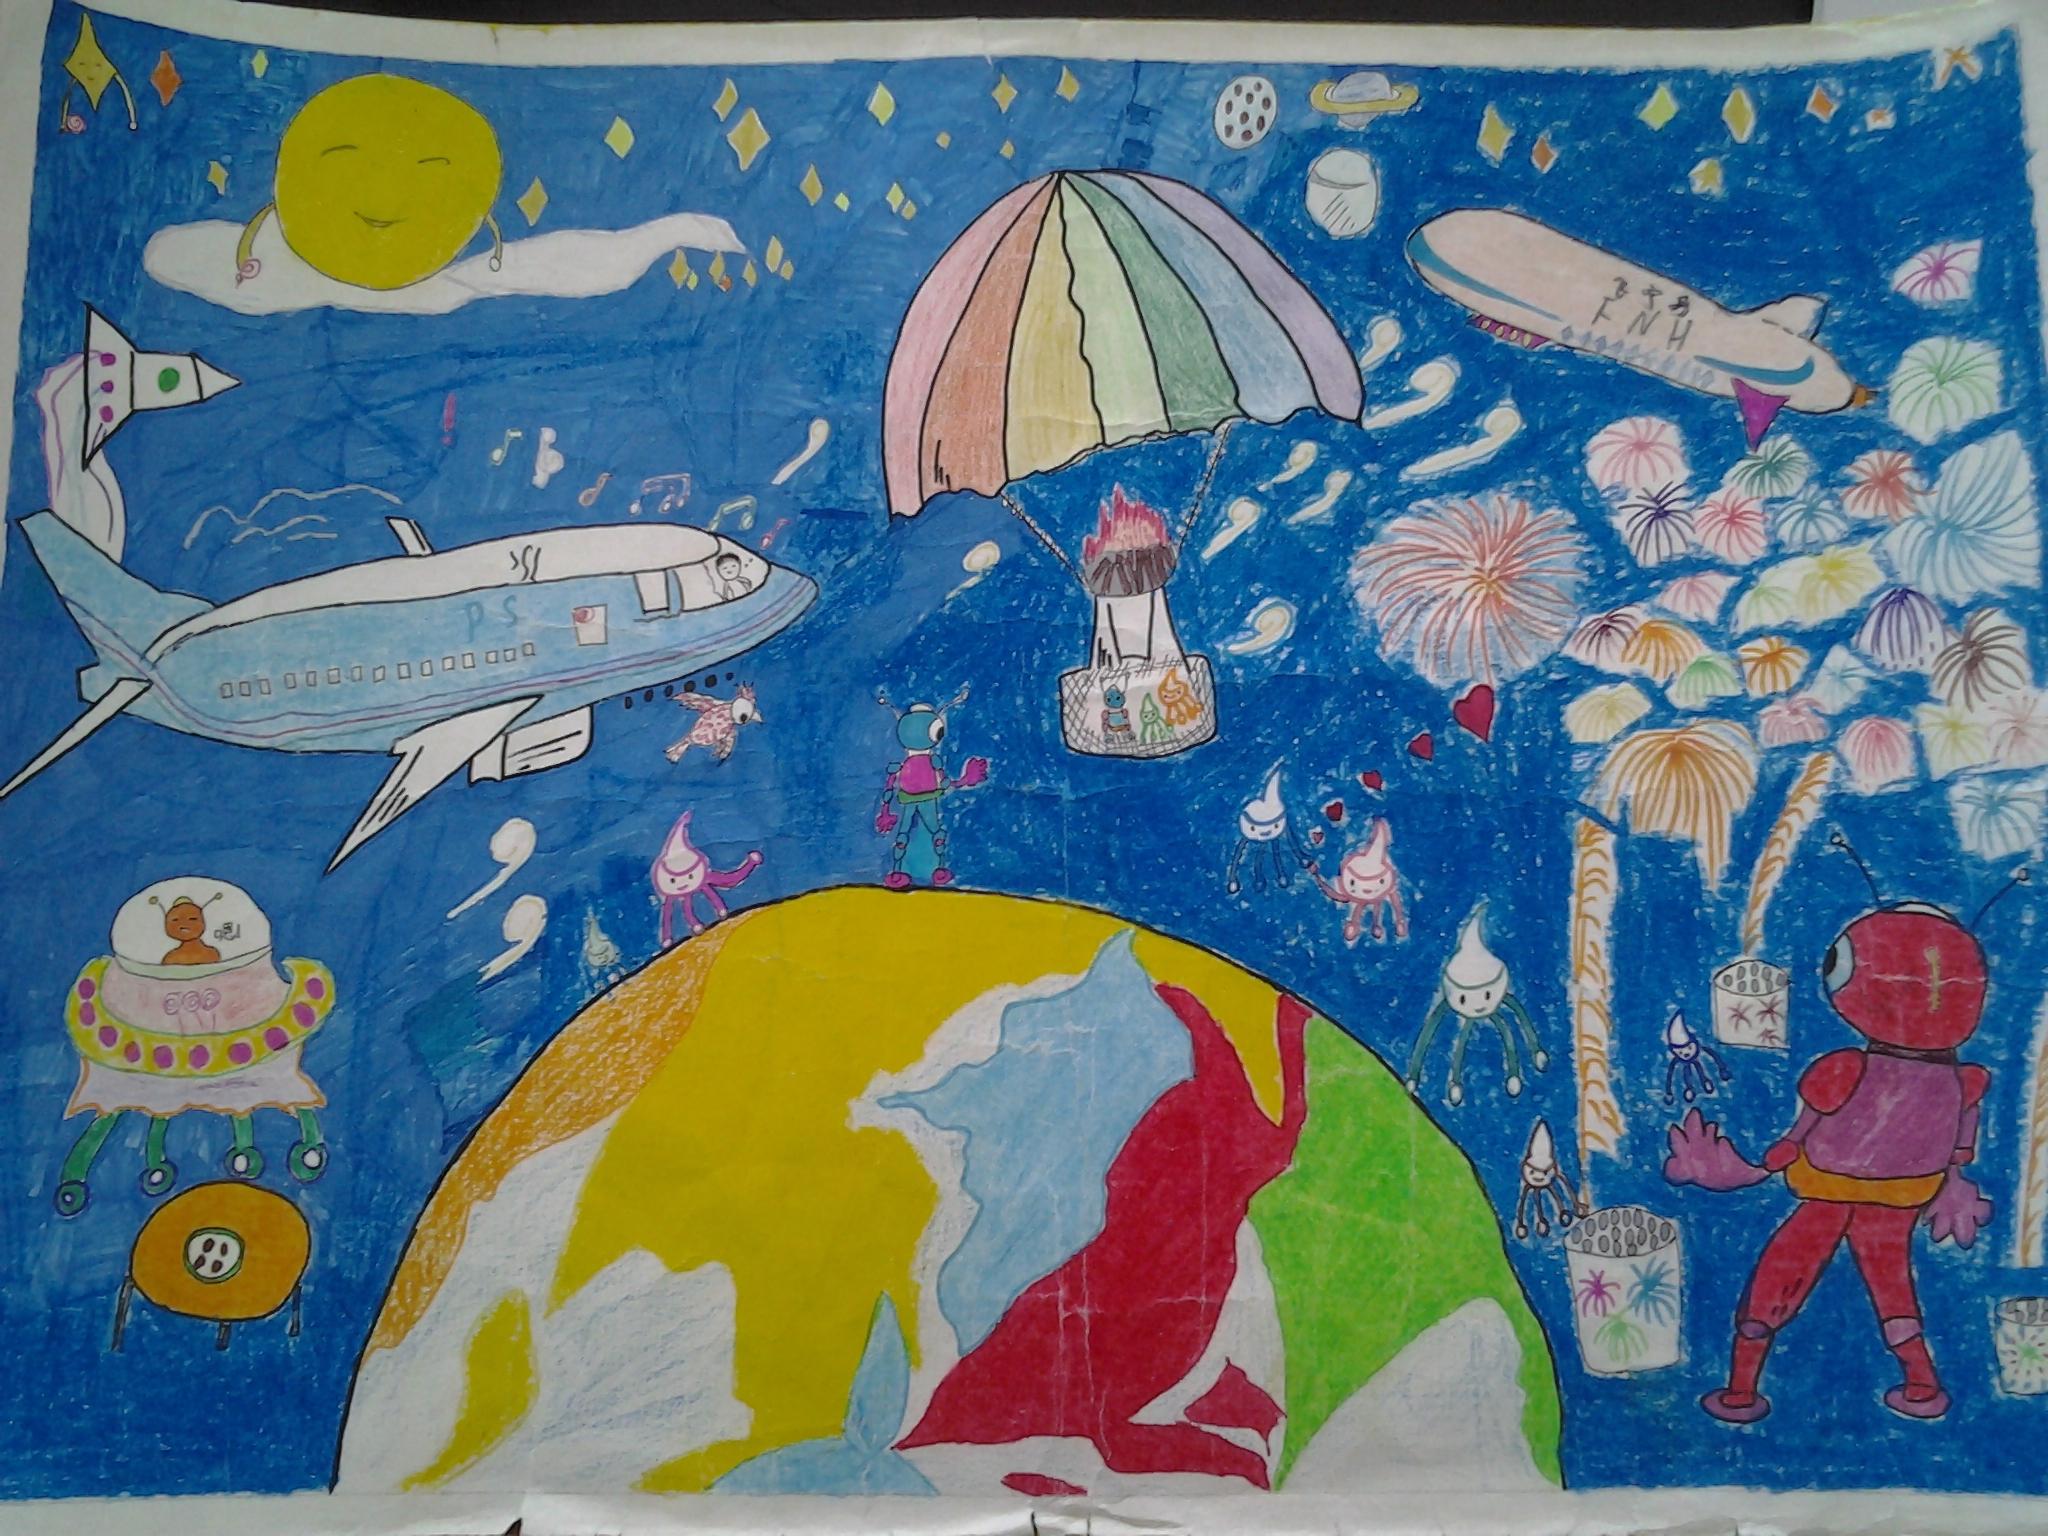 关于科技儿童画-装饰纹样图片-科技节儿童画-科技儿童画大全-儿童绘画图片